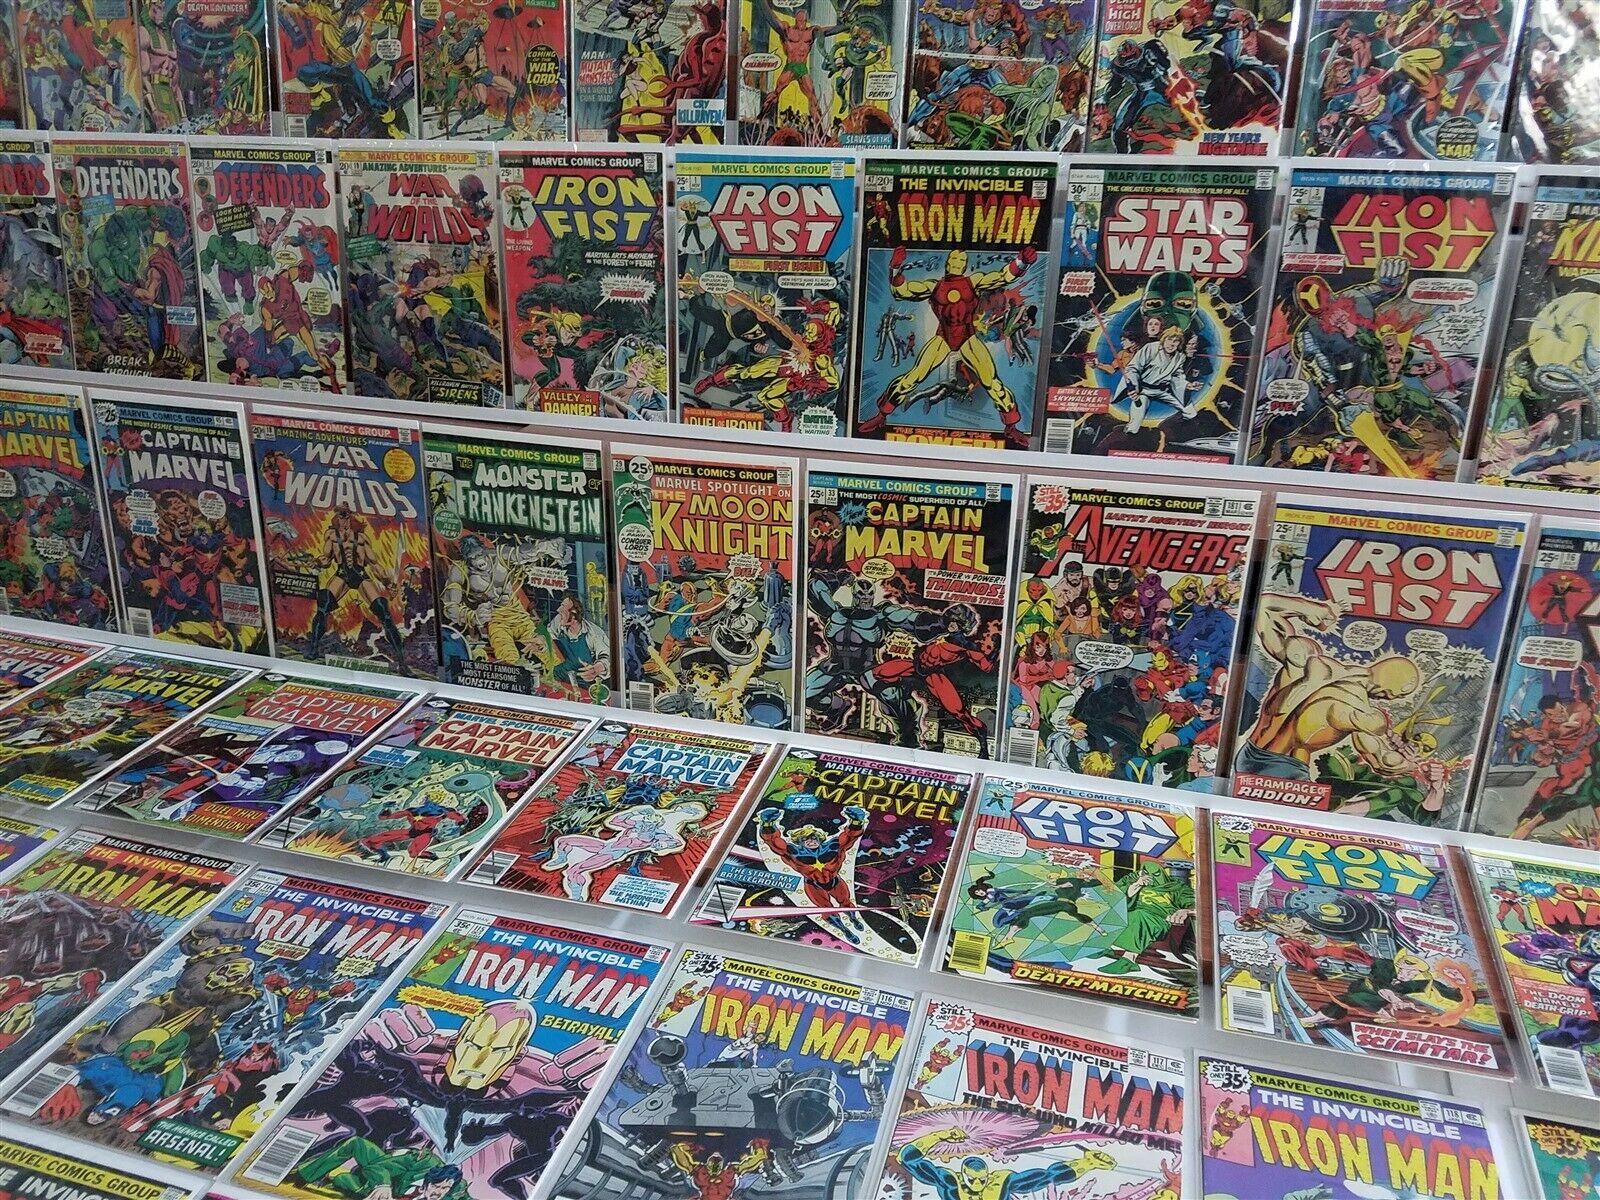 100 All HI GRADE Marvel Bronze Lot Captain 33 Spotlight 29 Moon Knight Iron Man